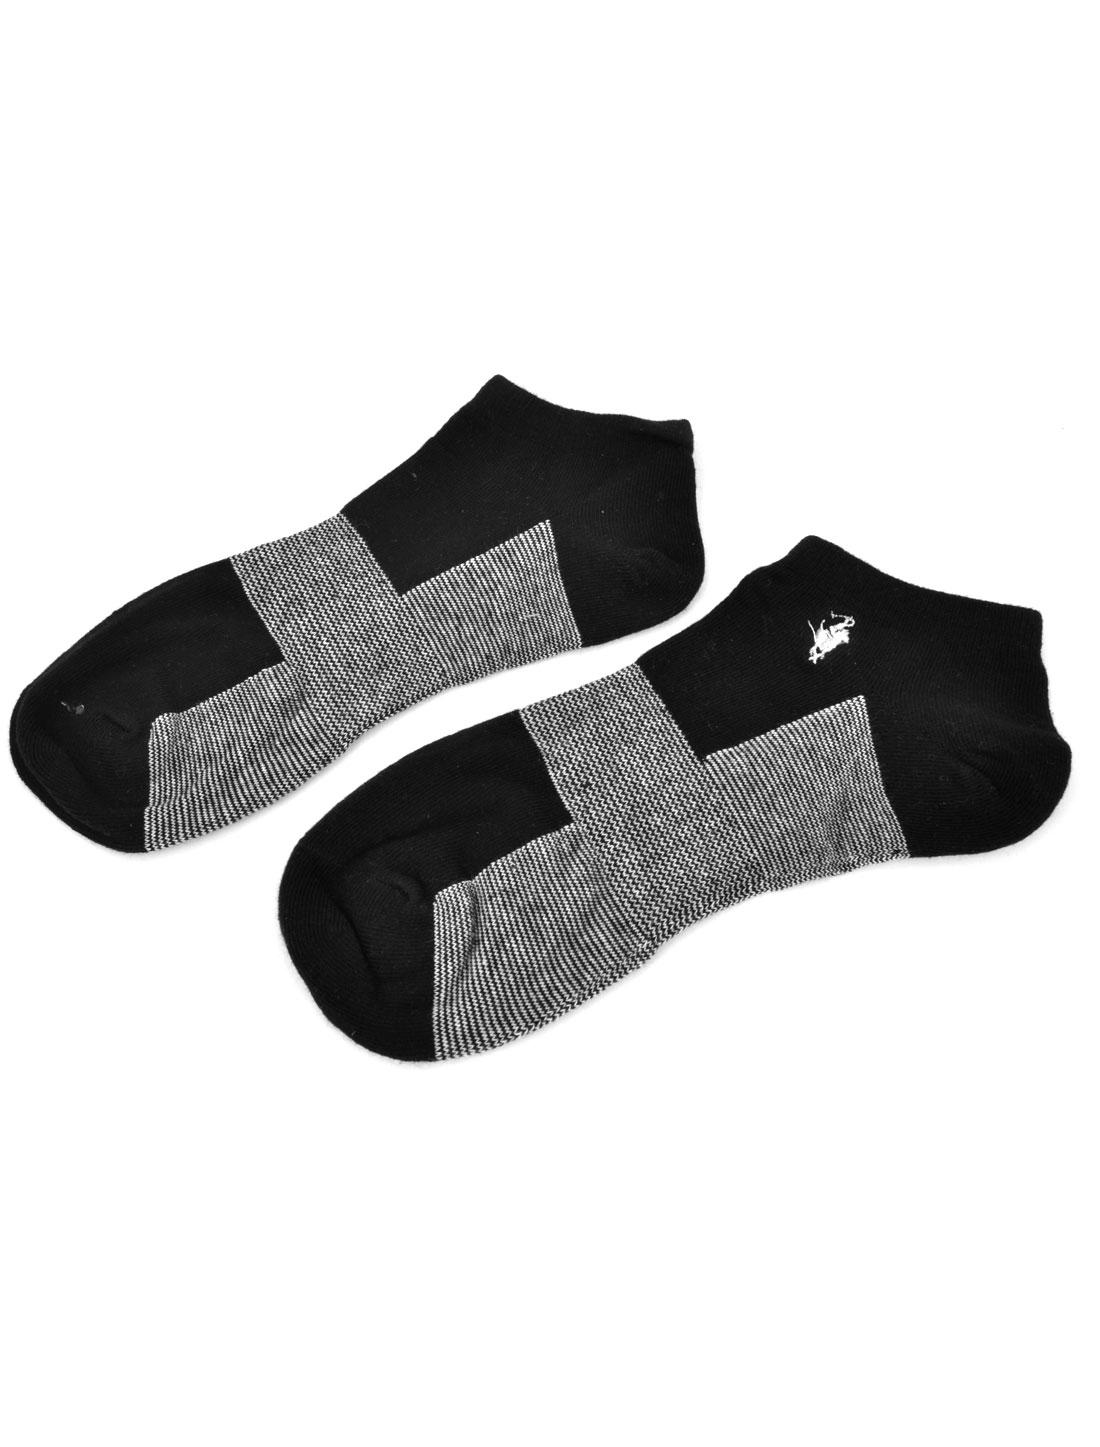 Men Black White Textured Low Ankle Summer Casual Hosiery Socks Pair